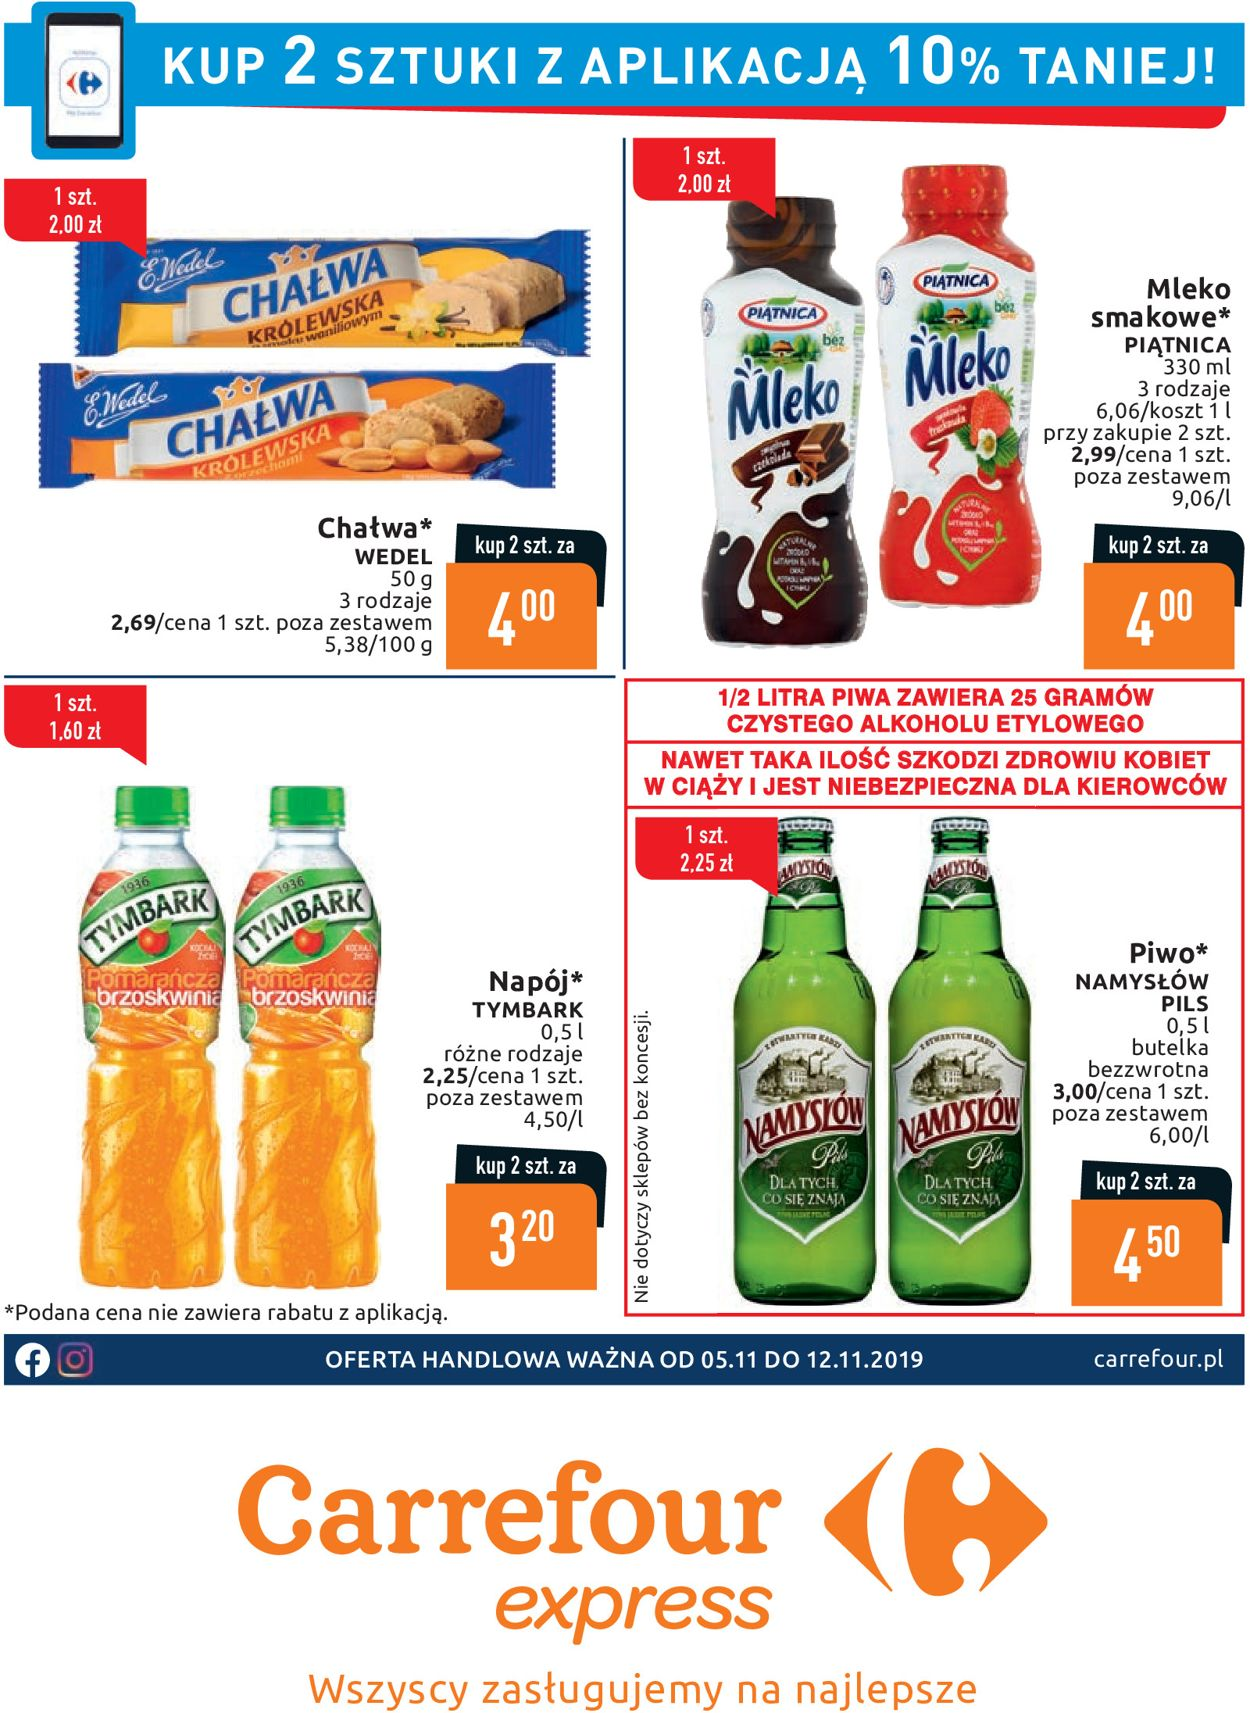 Gazetka promocyjna Carrefour - 05.11-12.11.2019